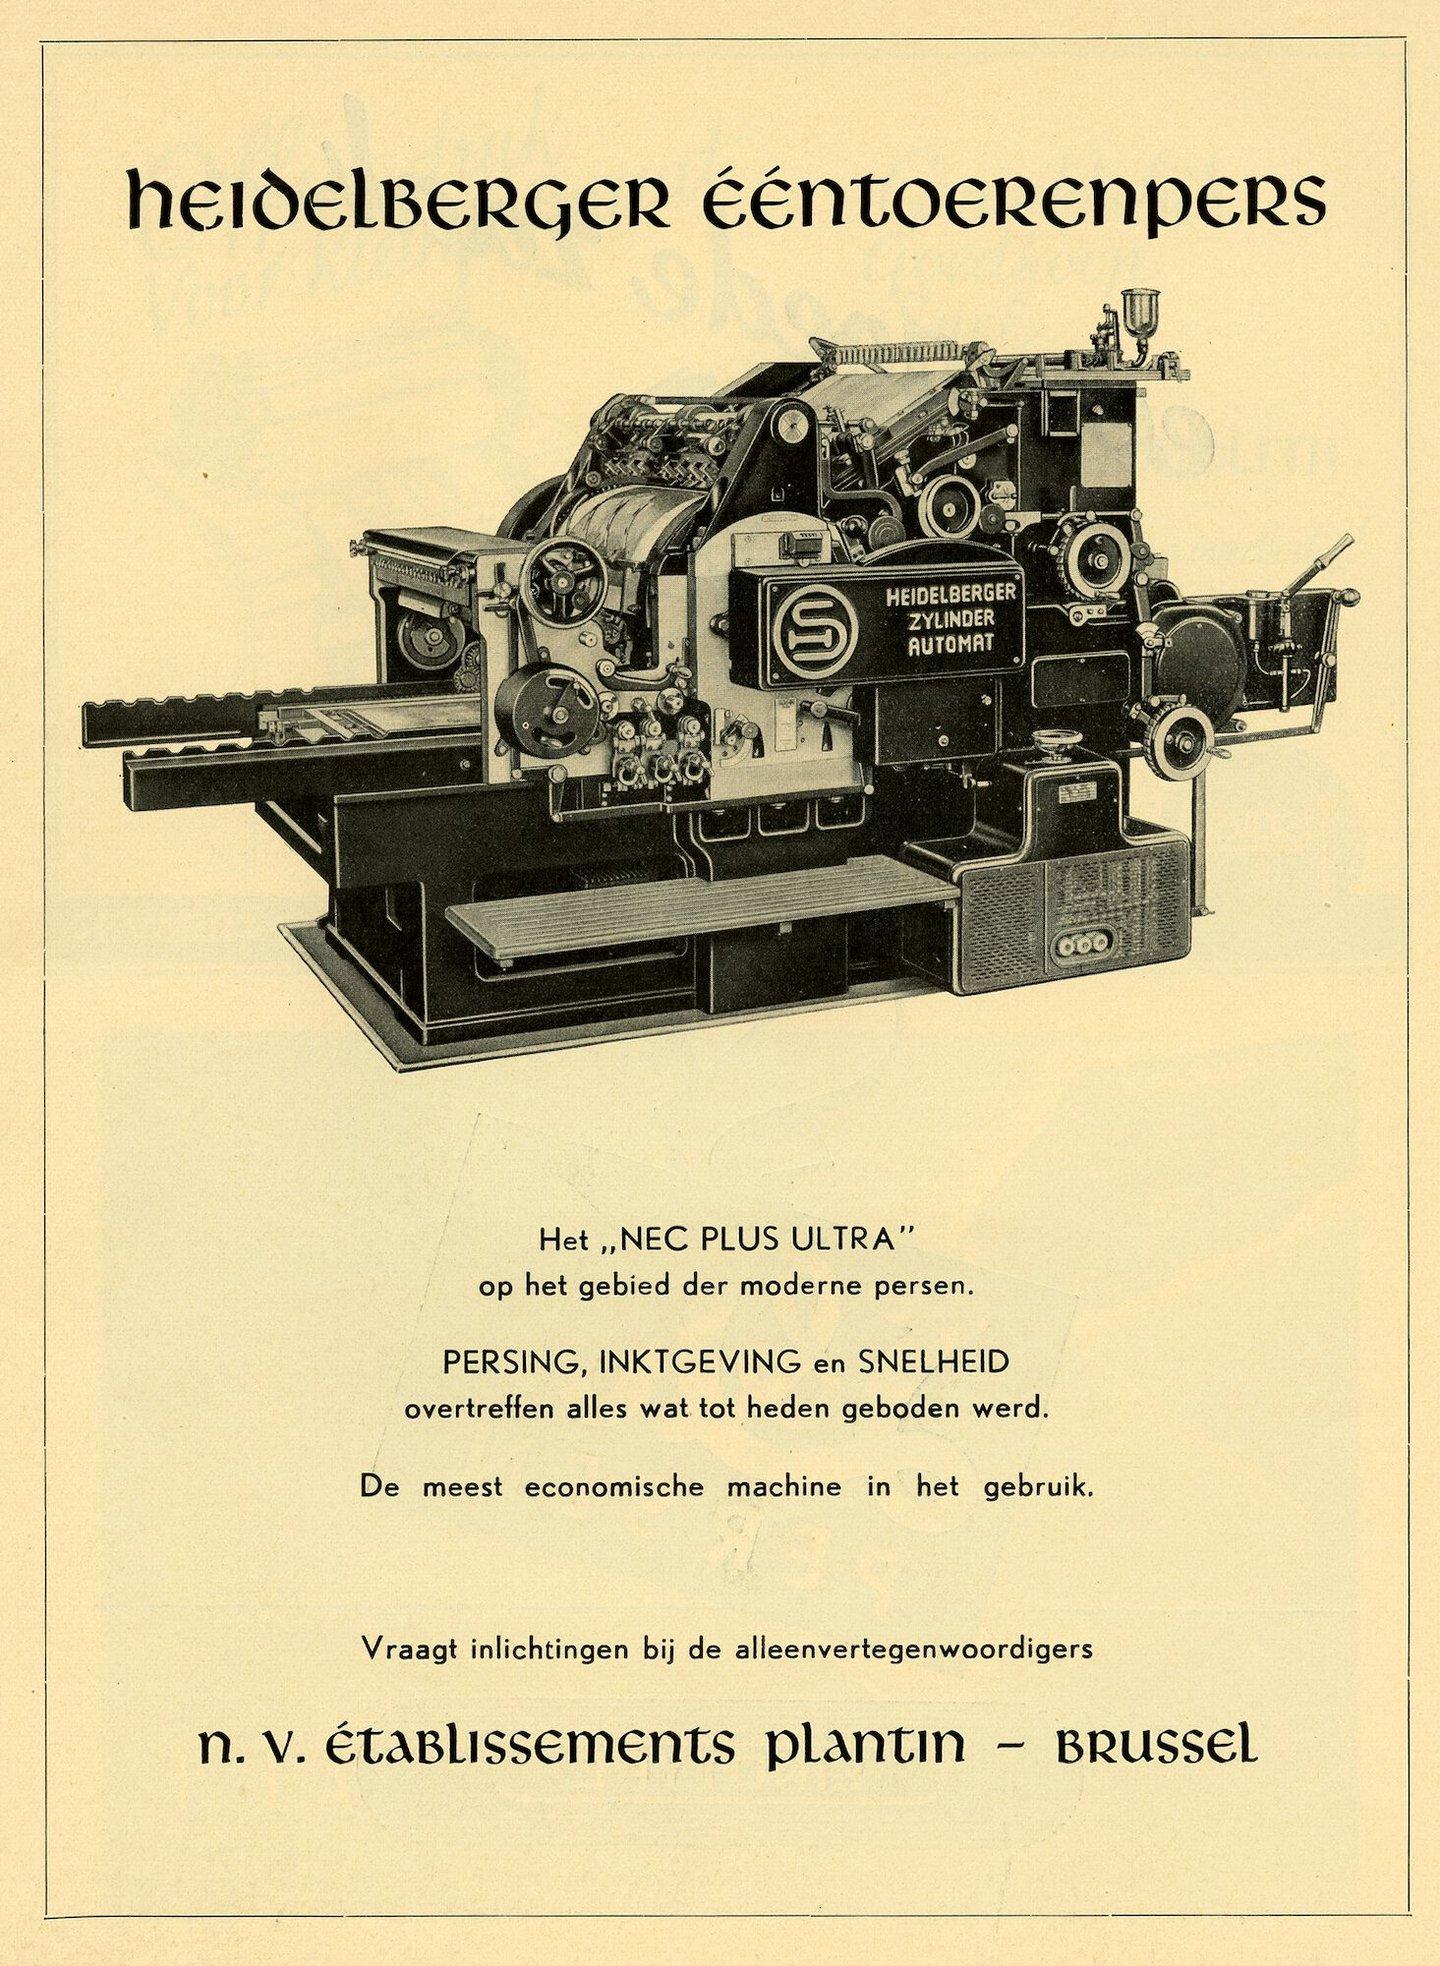 Reclame voor Heidelberg cilinderpers verdeeld door Plantin